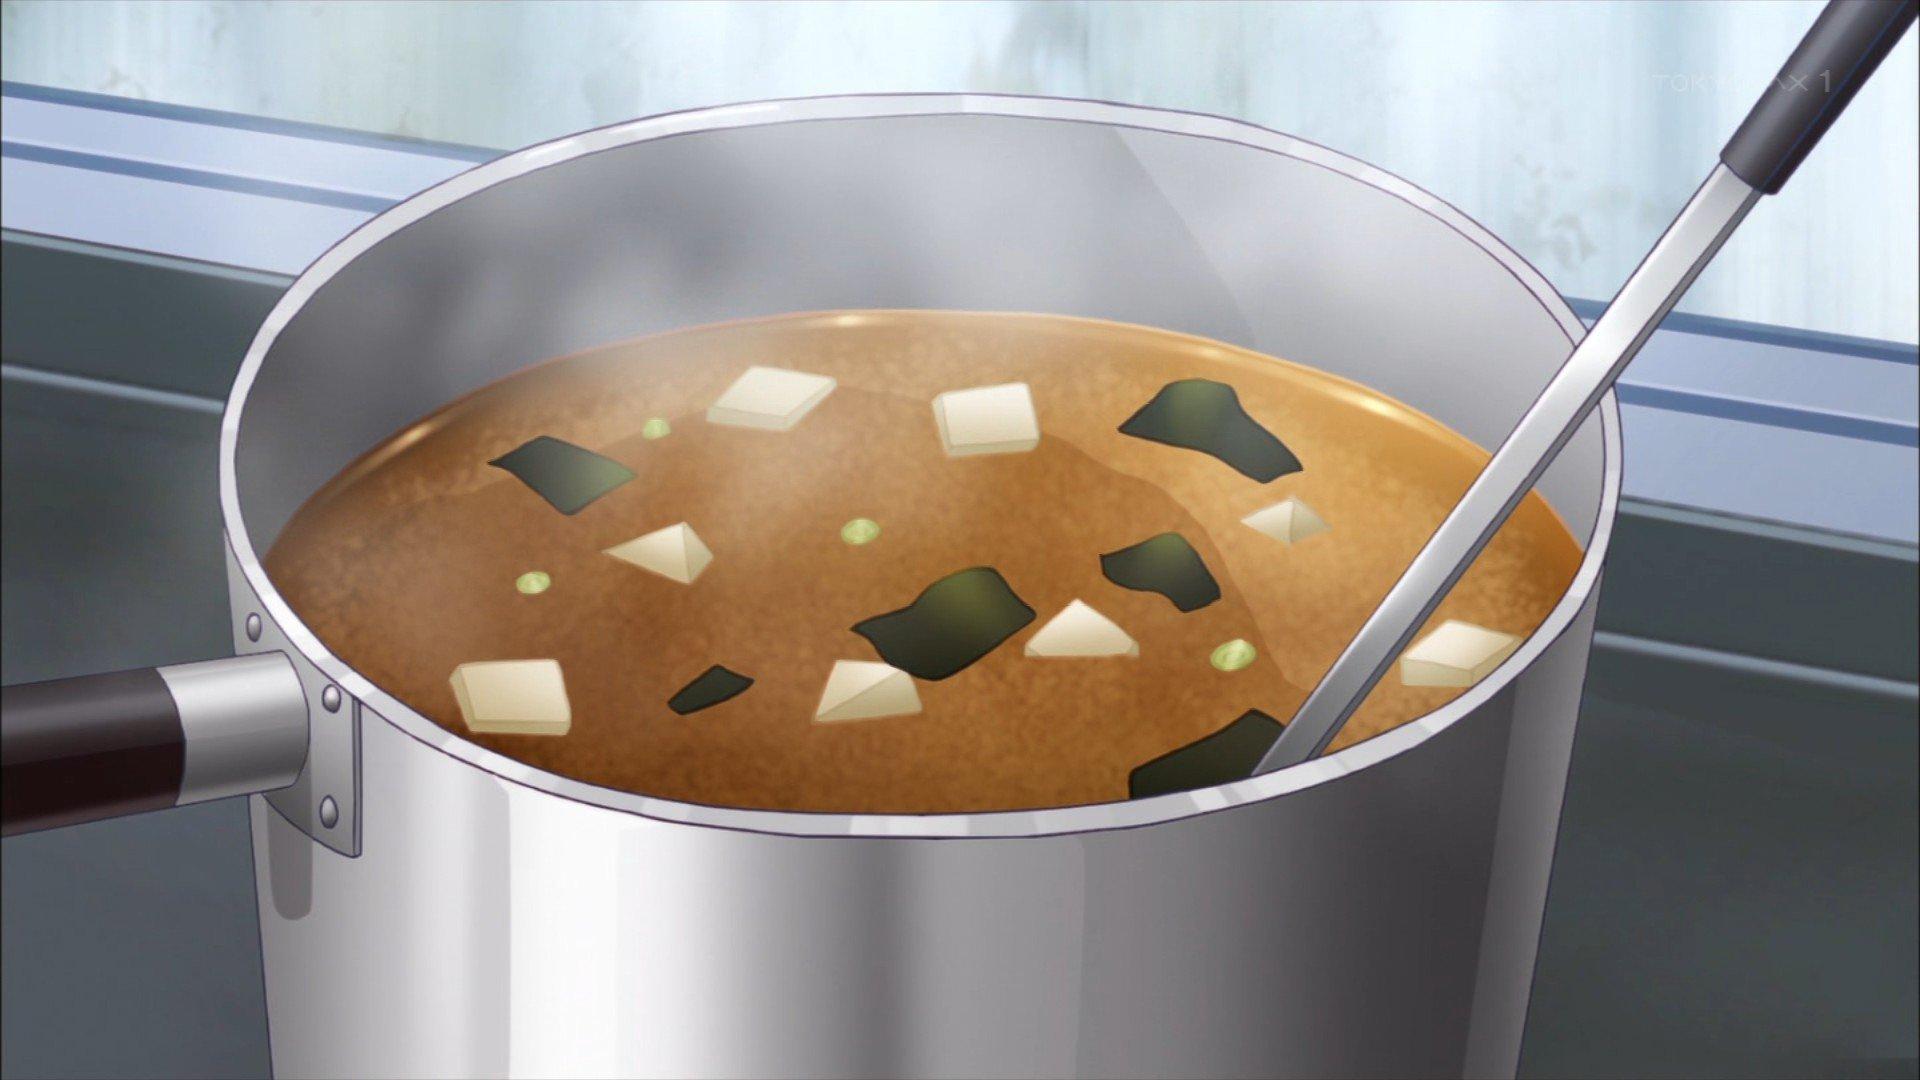 味噌汁 #soraumi_anime #ソラウミアニメ https://t.co/XiKpTuxCdC